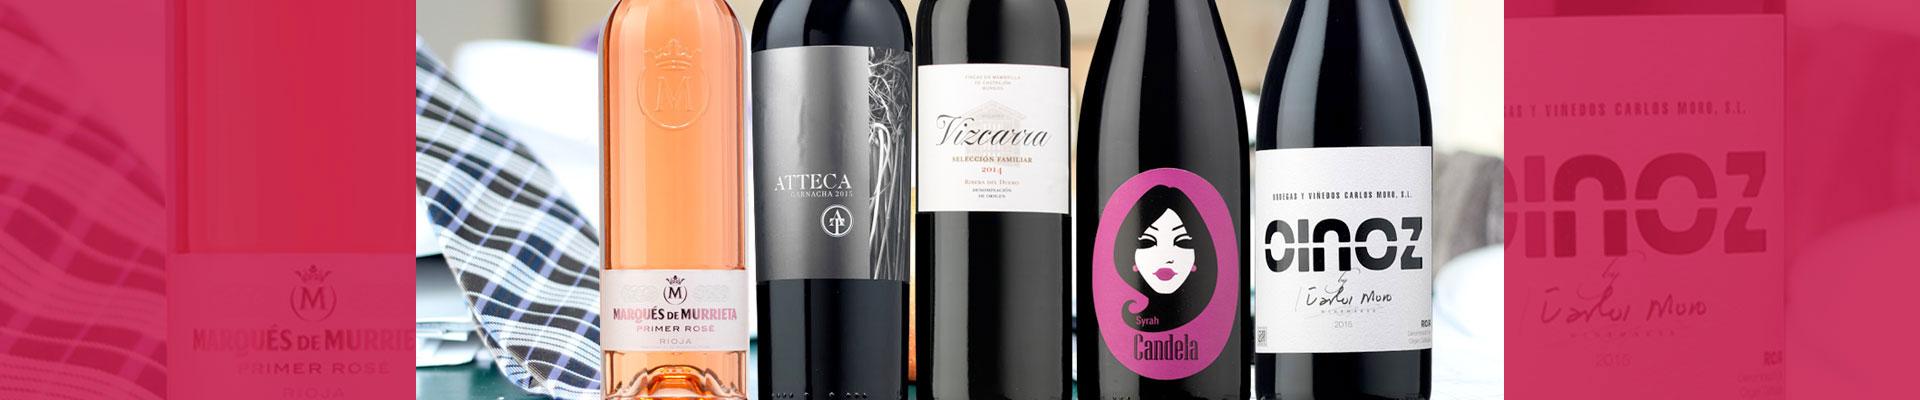 Top 5 vinos para el Día del Padre